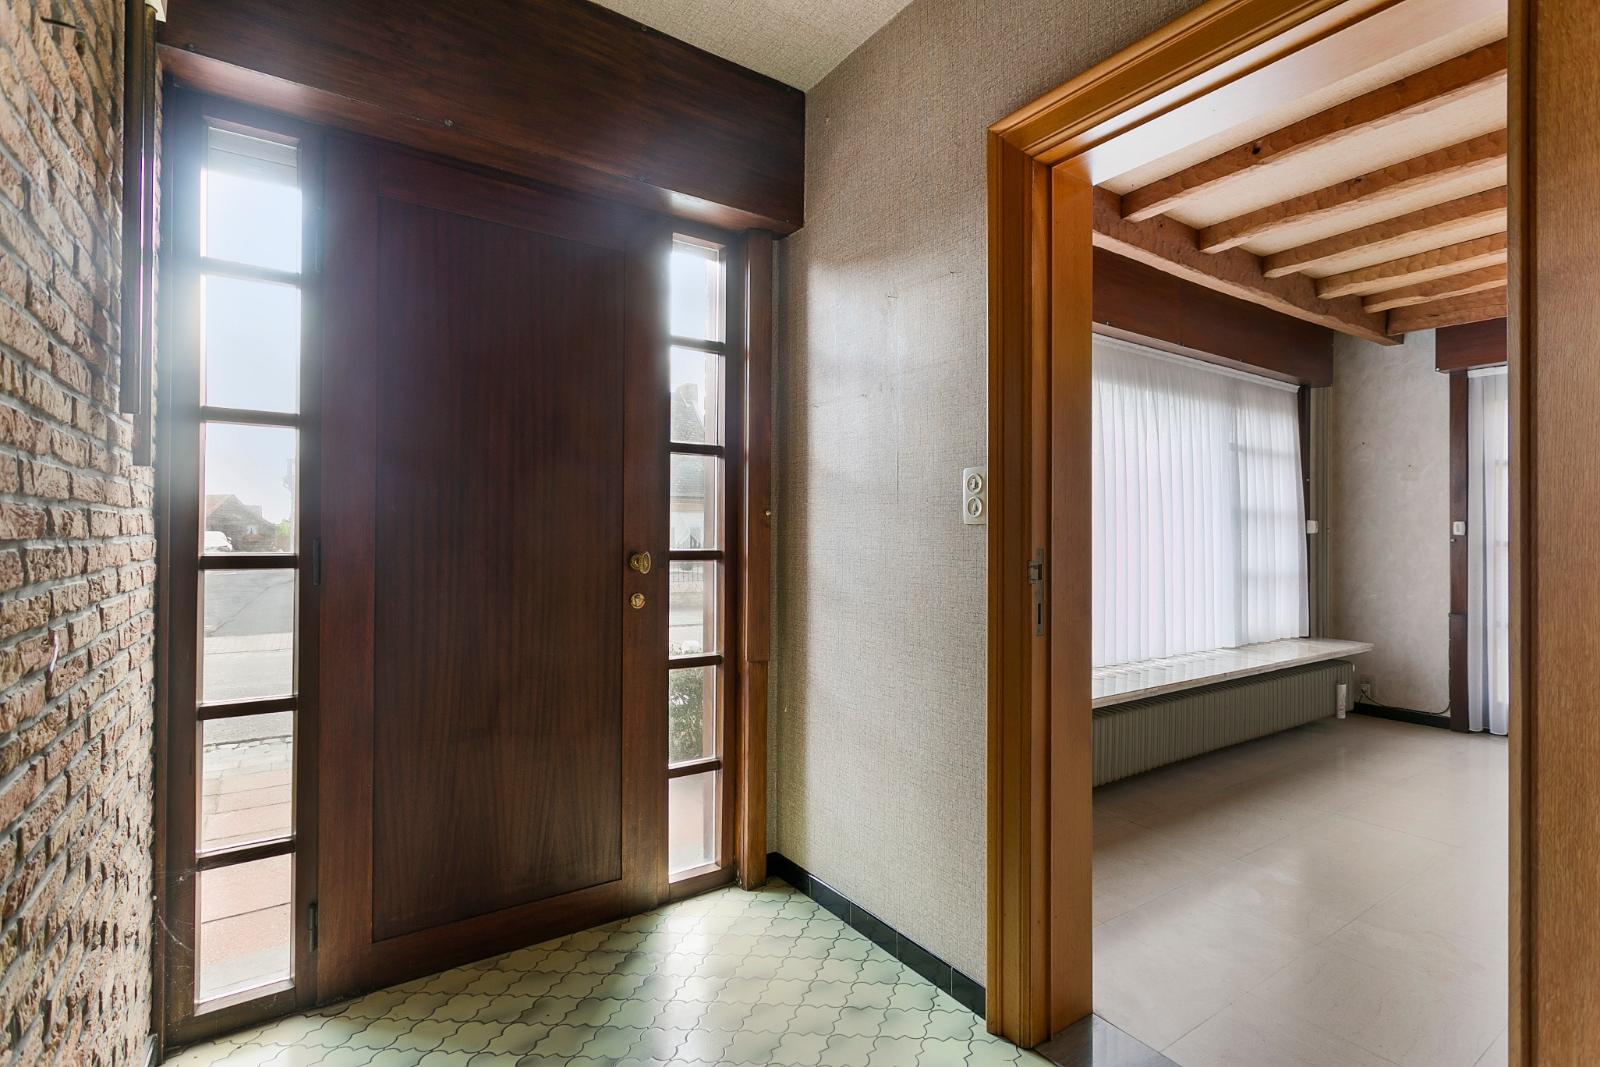 Vrijstaande, gelijkvloerse woning met garage en 3 slaapkamers te Koekelare - 4